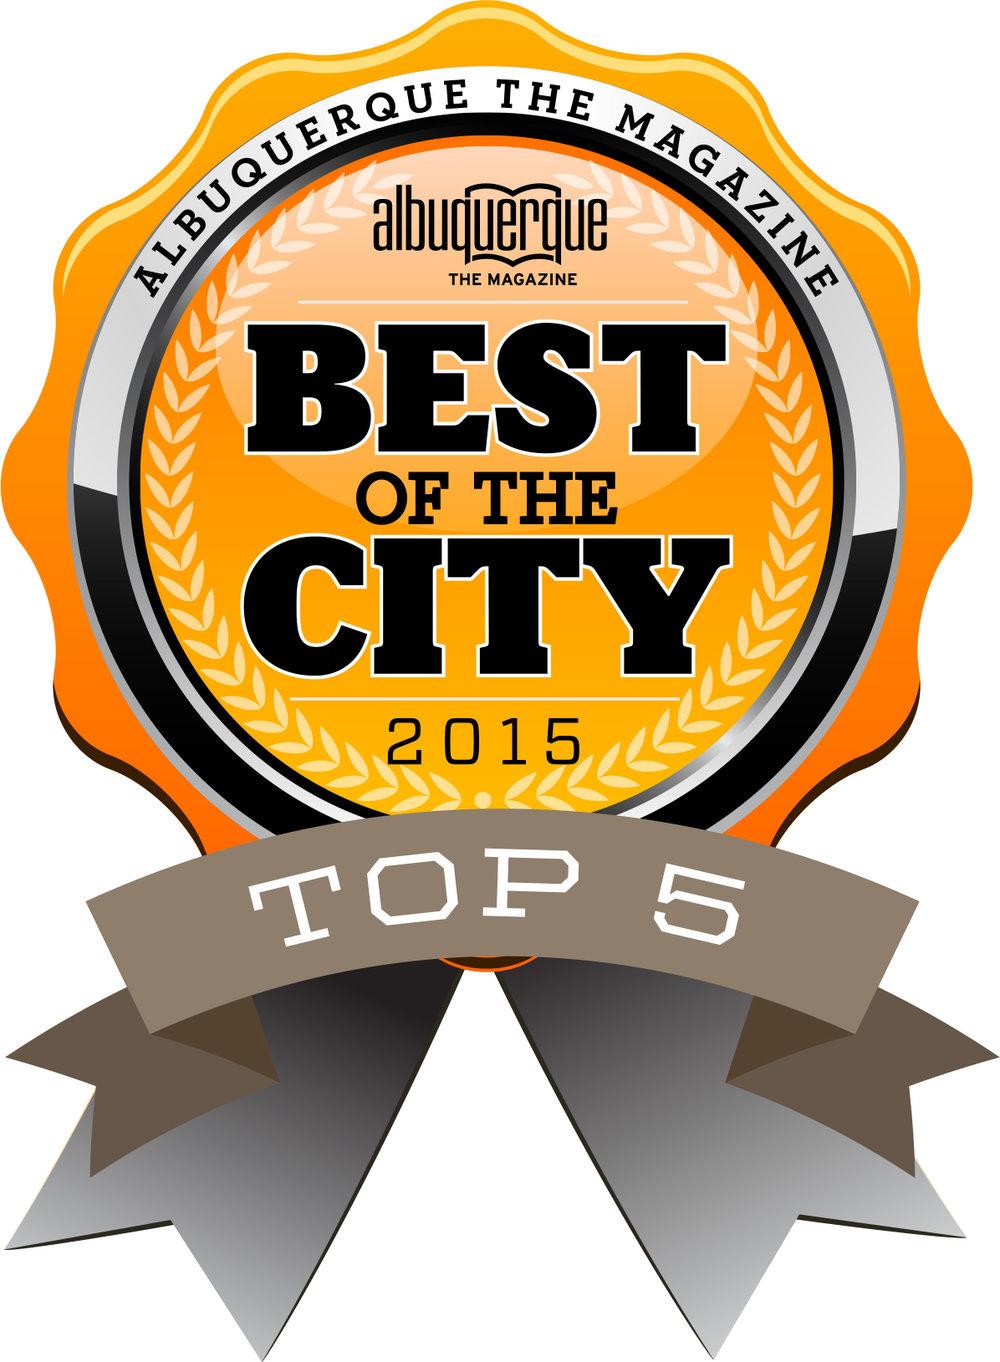 BOTC_2015_top 5.jpg